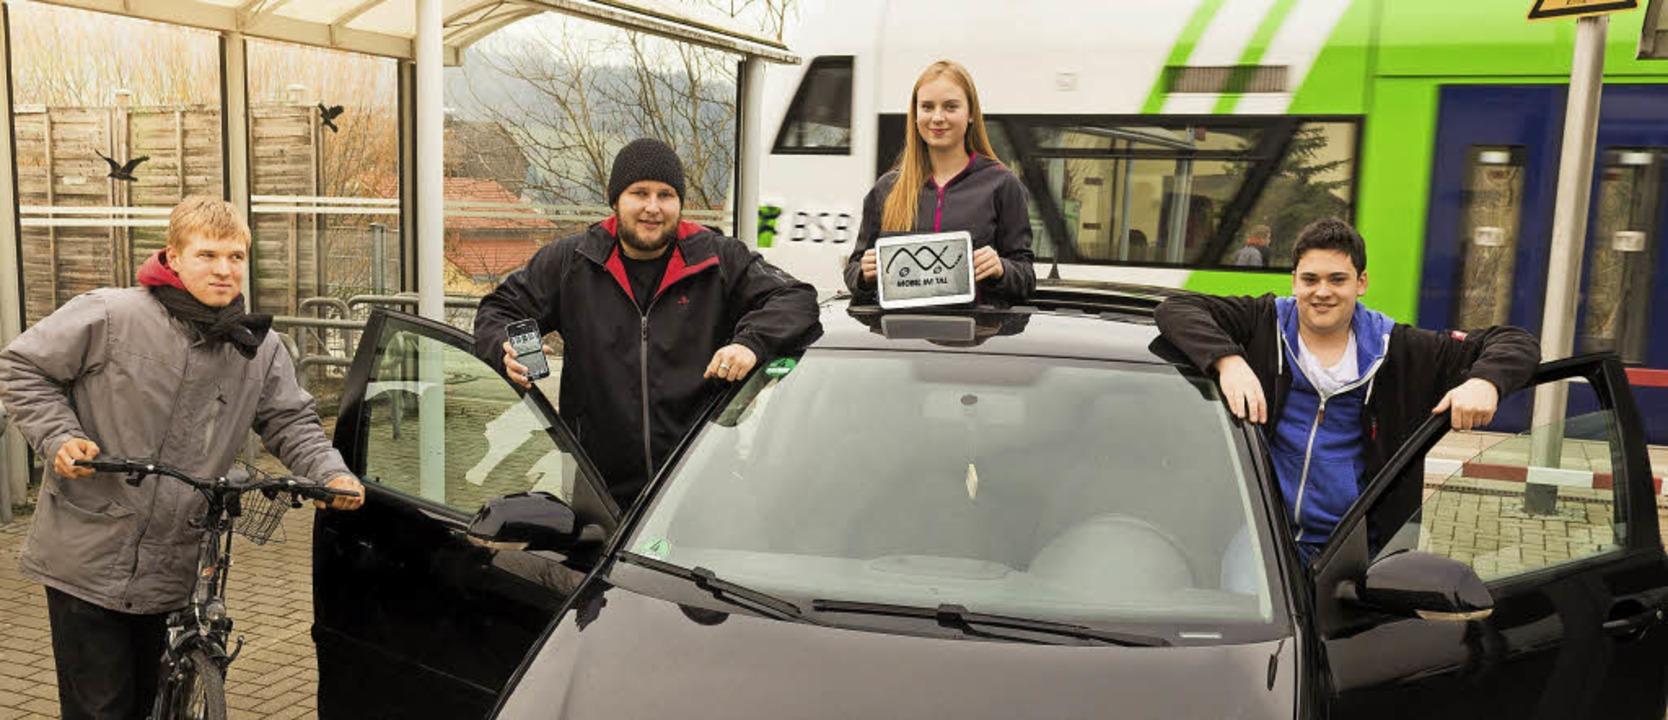 """Mitglieder des Rats der Jugend werben für """"Mobil im Tal"""".    Foto: zvg"""